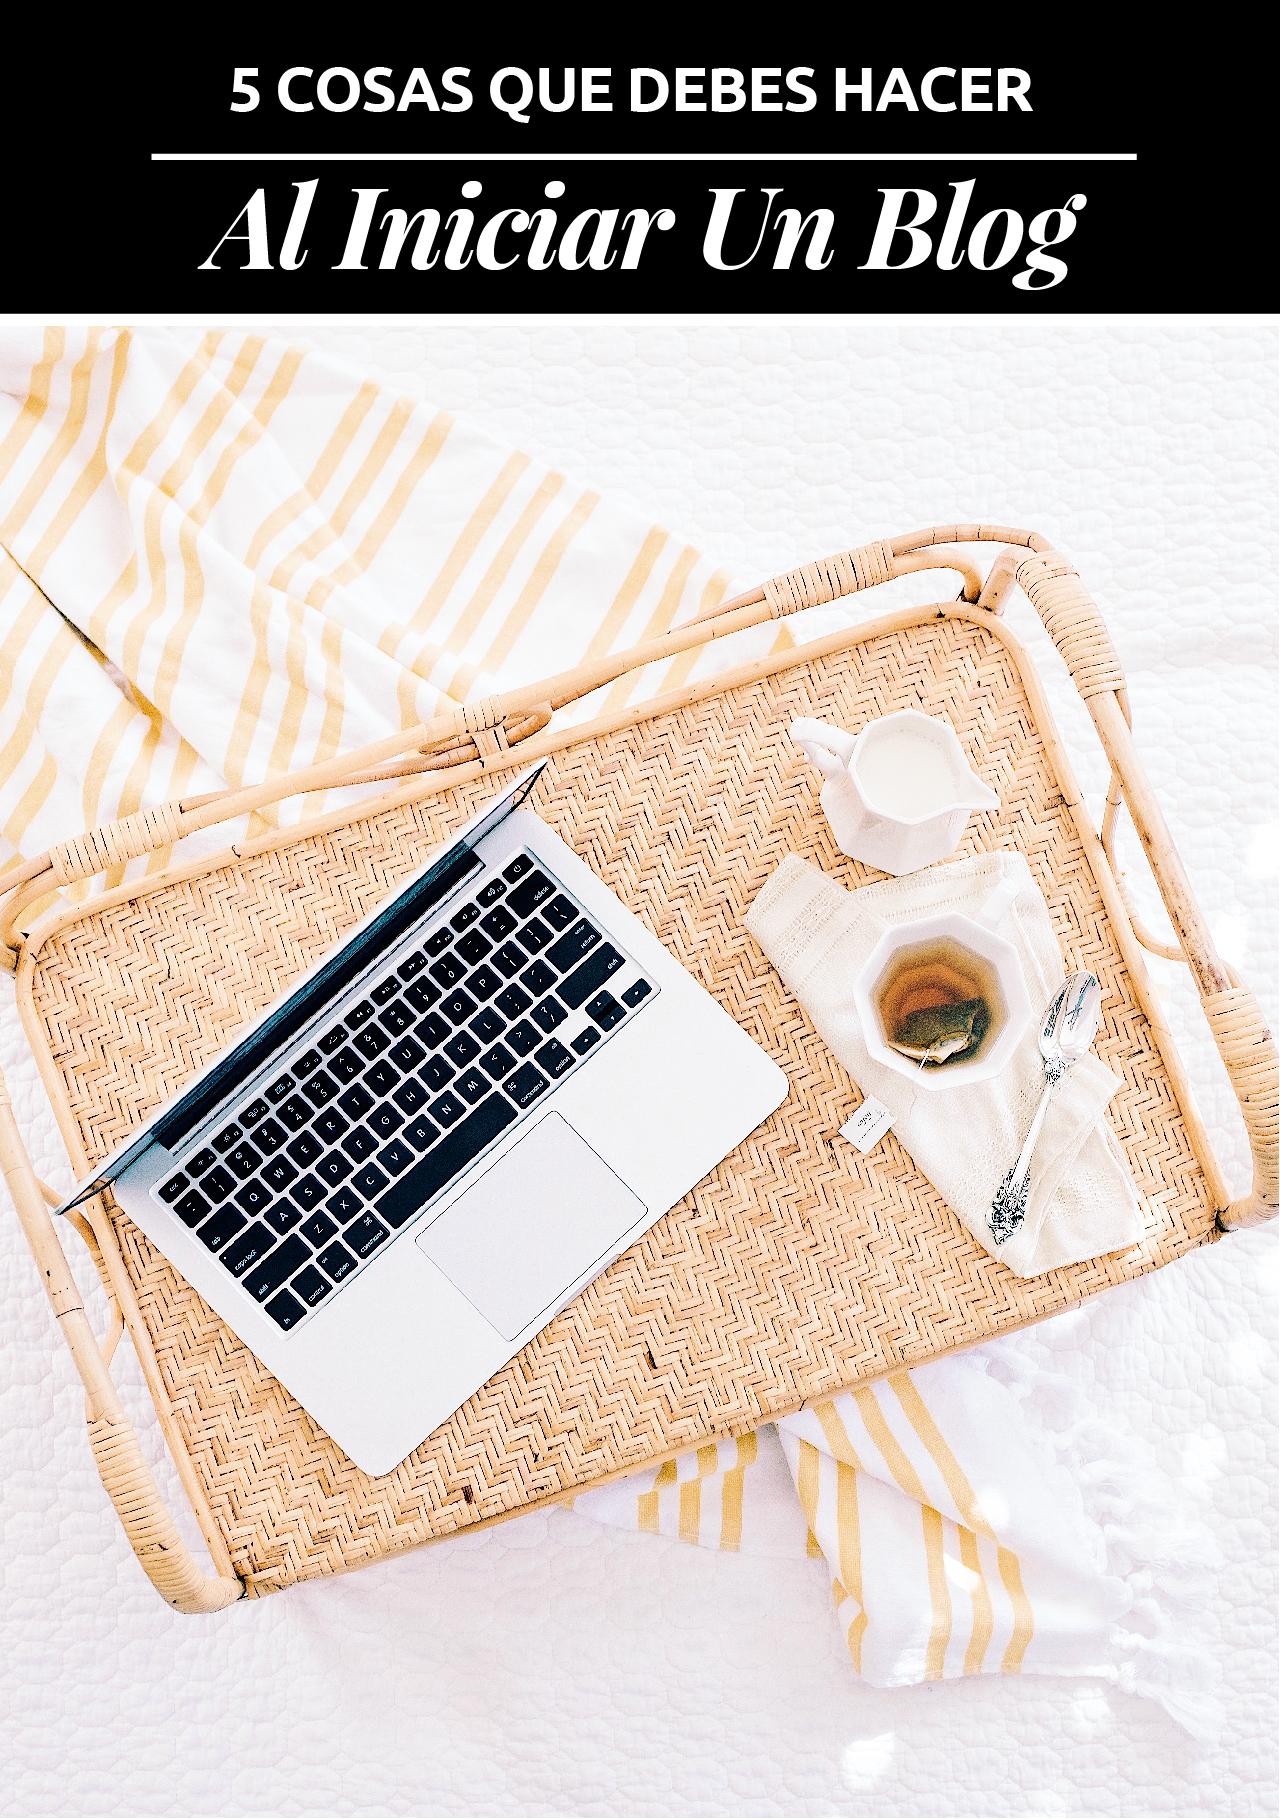 ¿Interesando en blogging? Si quieres iniciar un blog y no sabes cómo, te comparto 5 consejos para que no mueras en el intento.